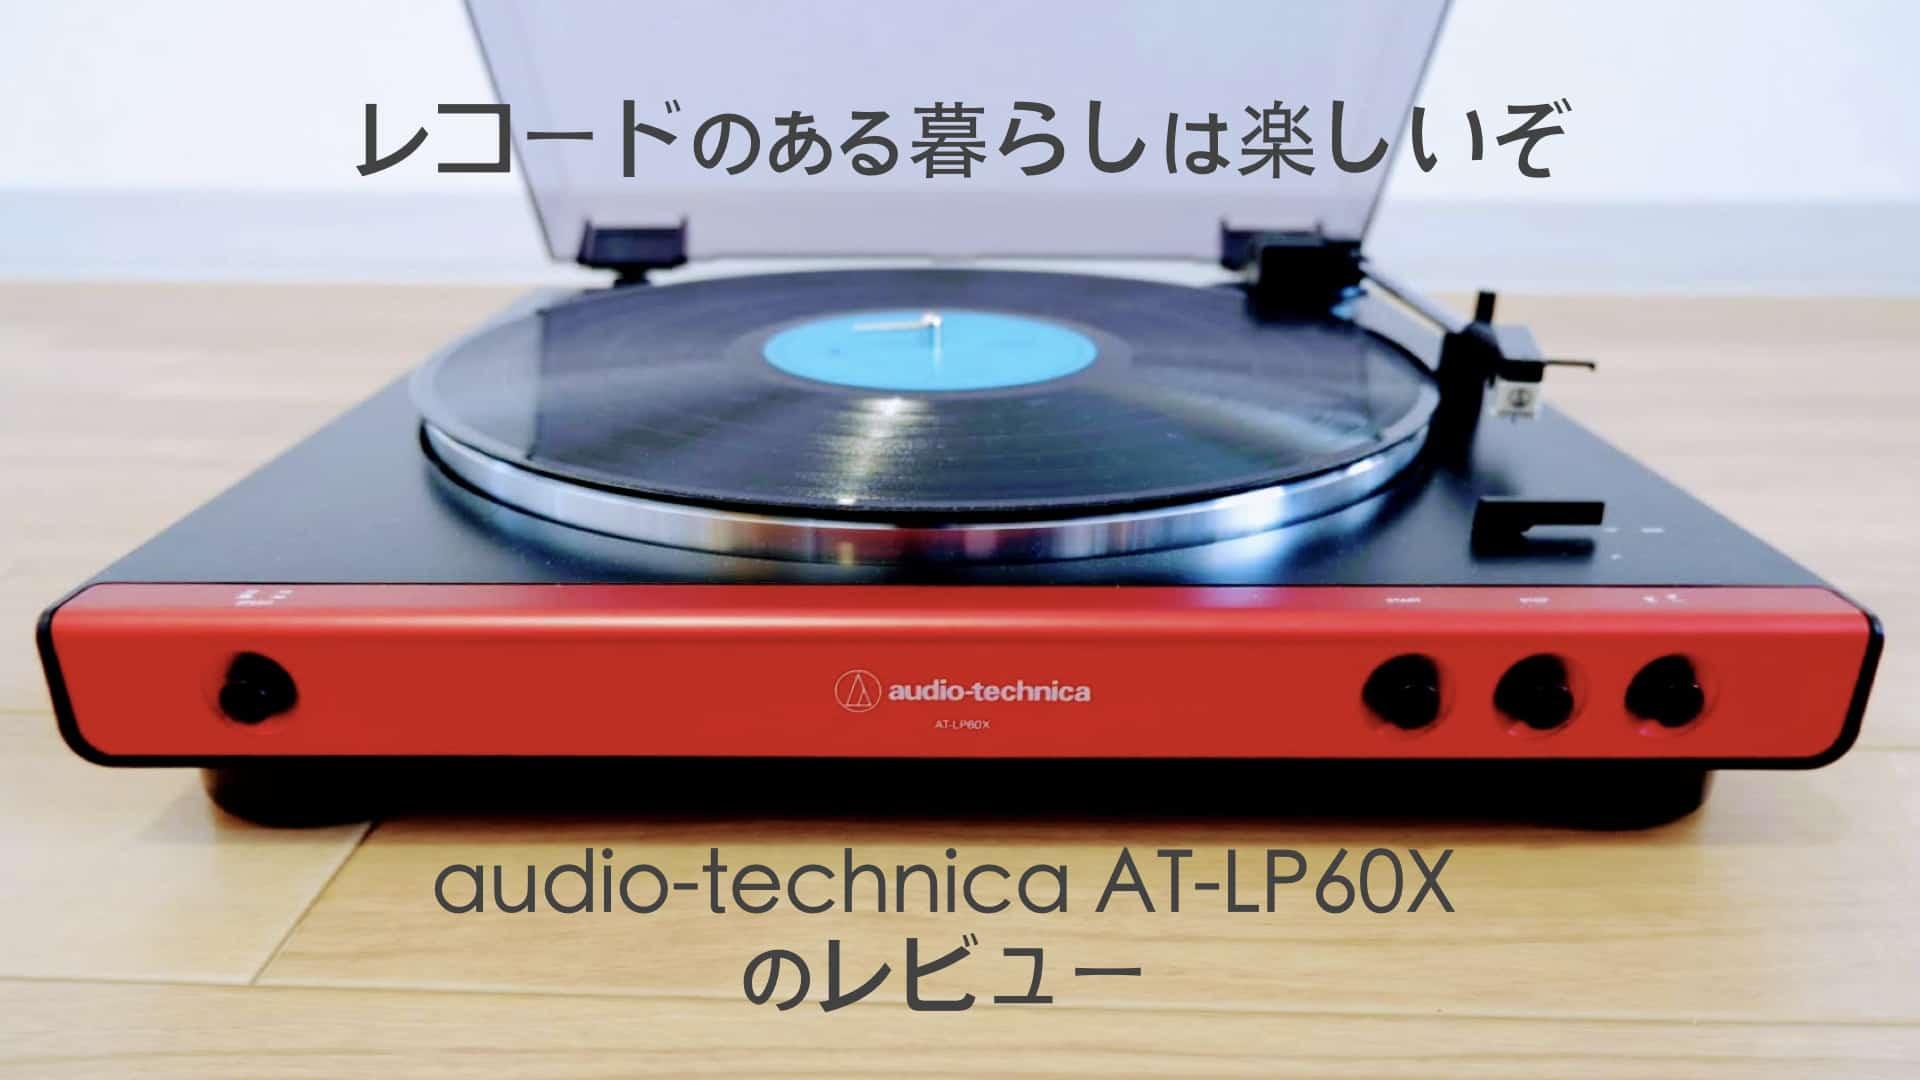 レコードのある暮らしは楽しいぞ|Audio Technica AT-LP60Xのレビュー